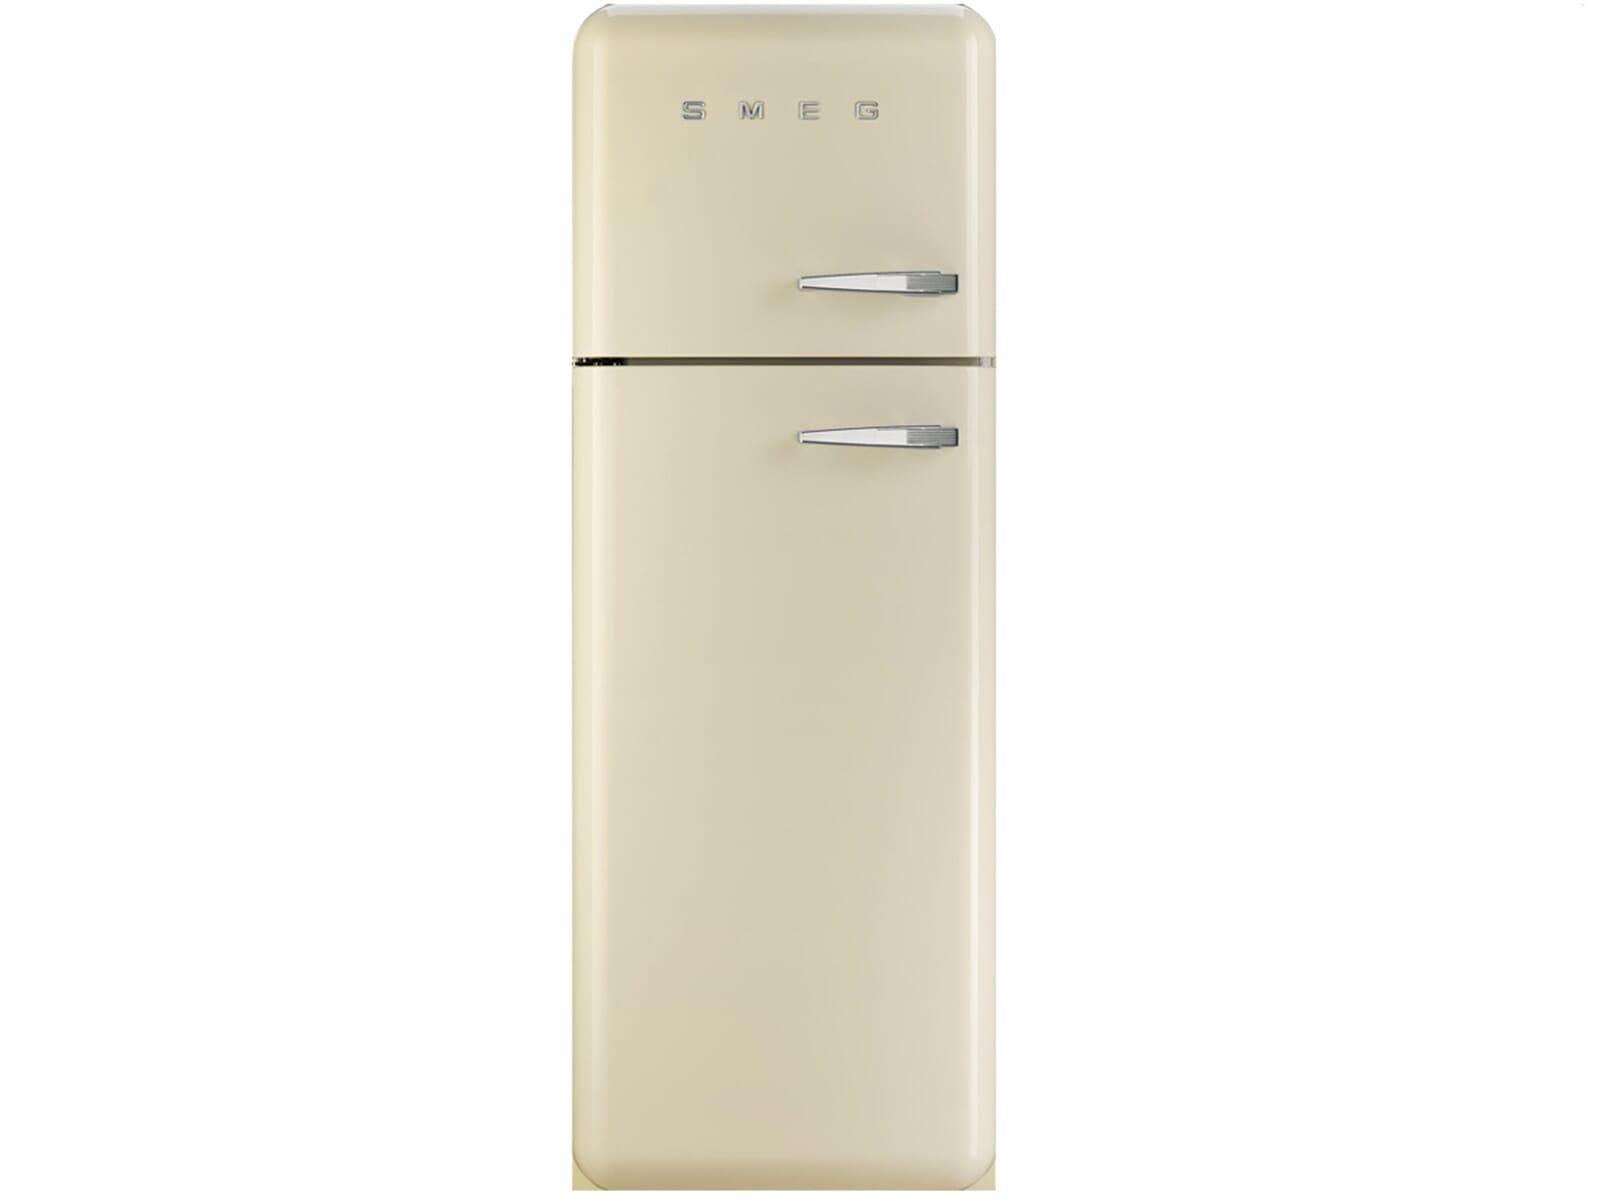 Smeg Kühlschrank Vw : Smeg kühlschrank vw smeg kühlschrank preisvergleich günstig bei